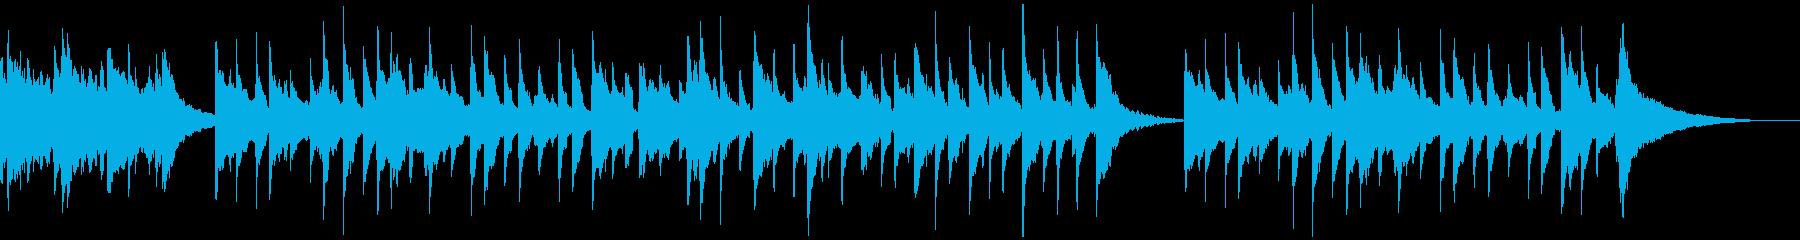 生演奏/バラード/クラシックギターの独奏の再生済みの波形